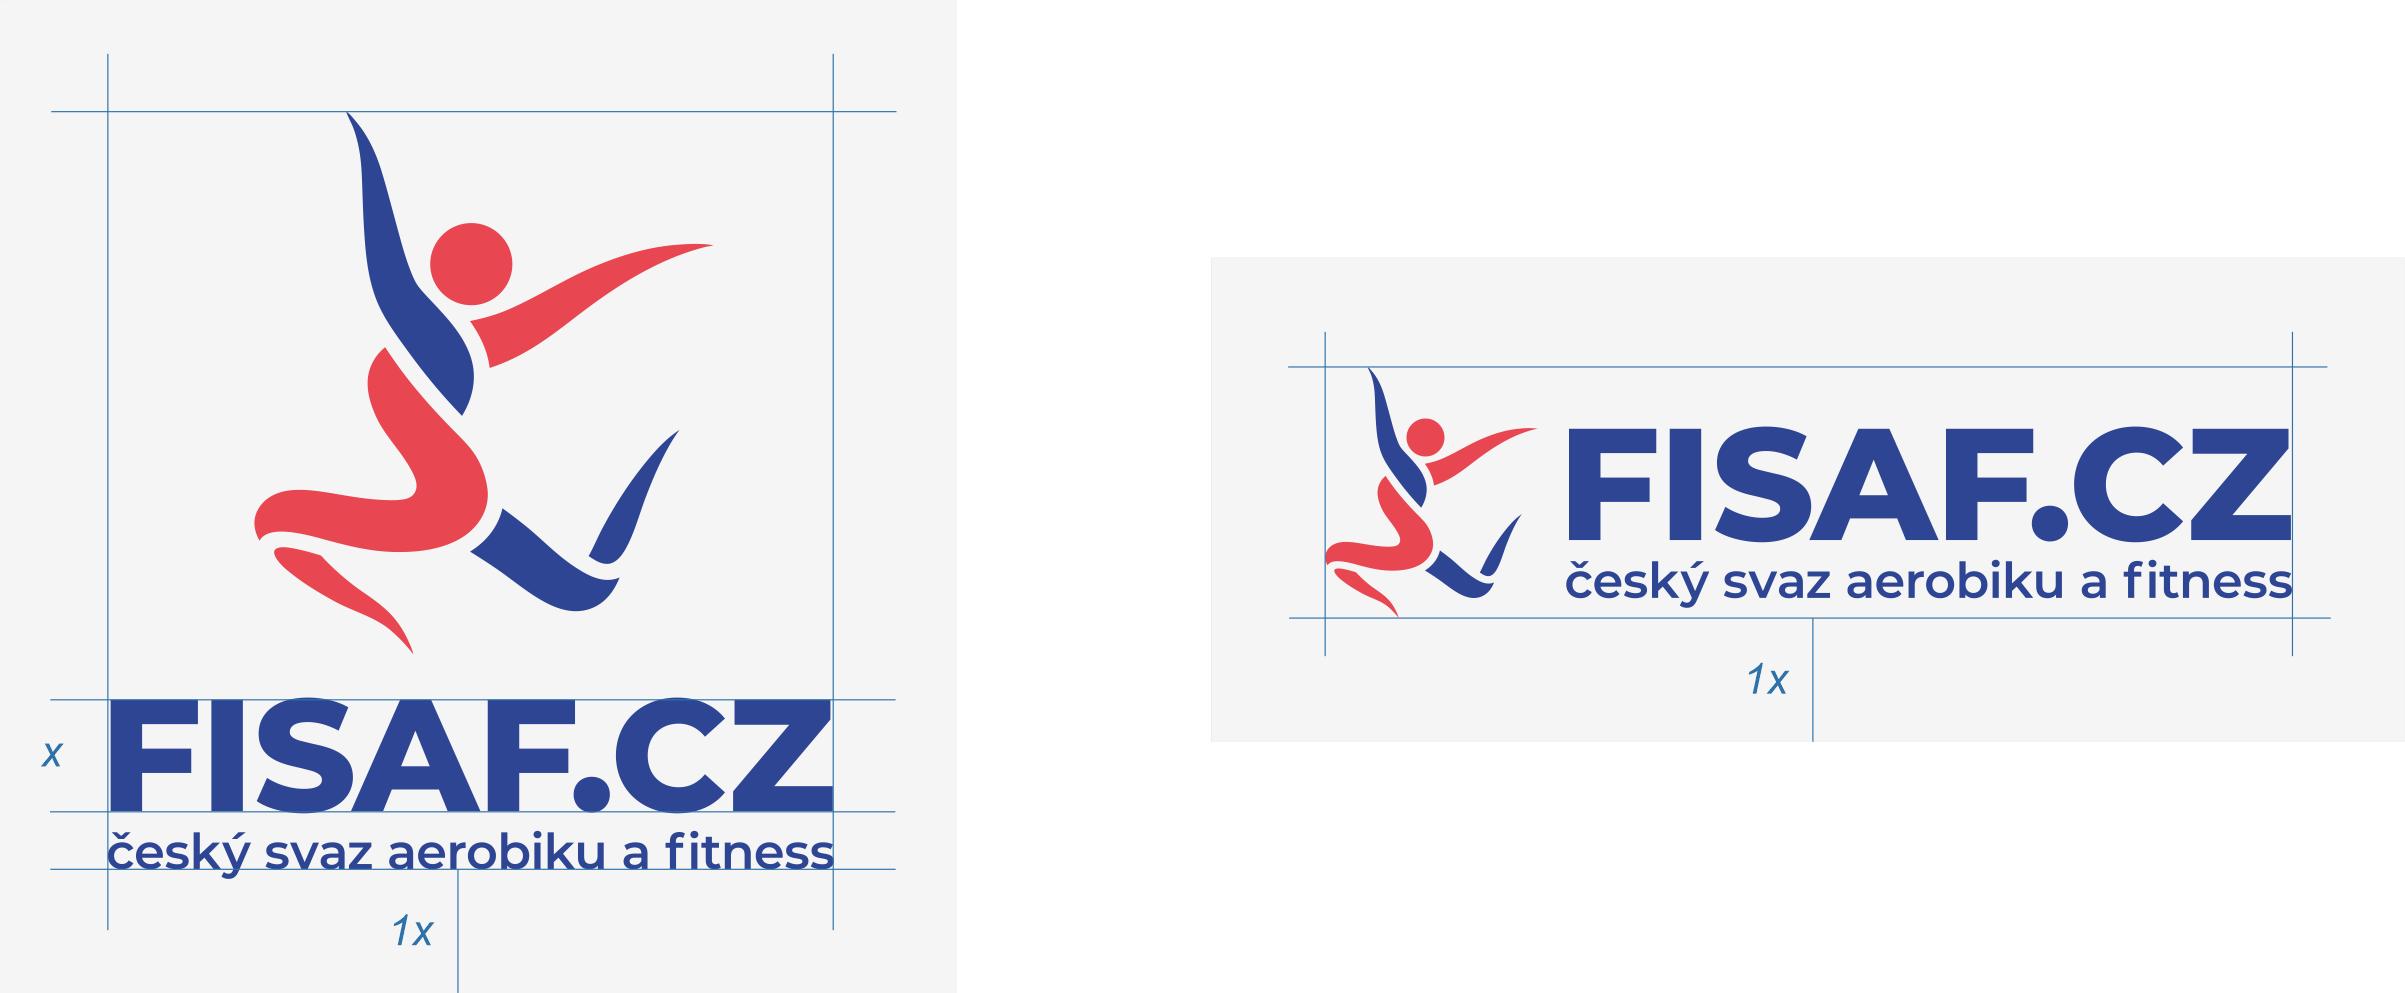 Ochranná zóna loga FISAF.cz